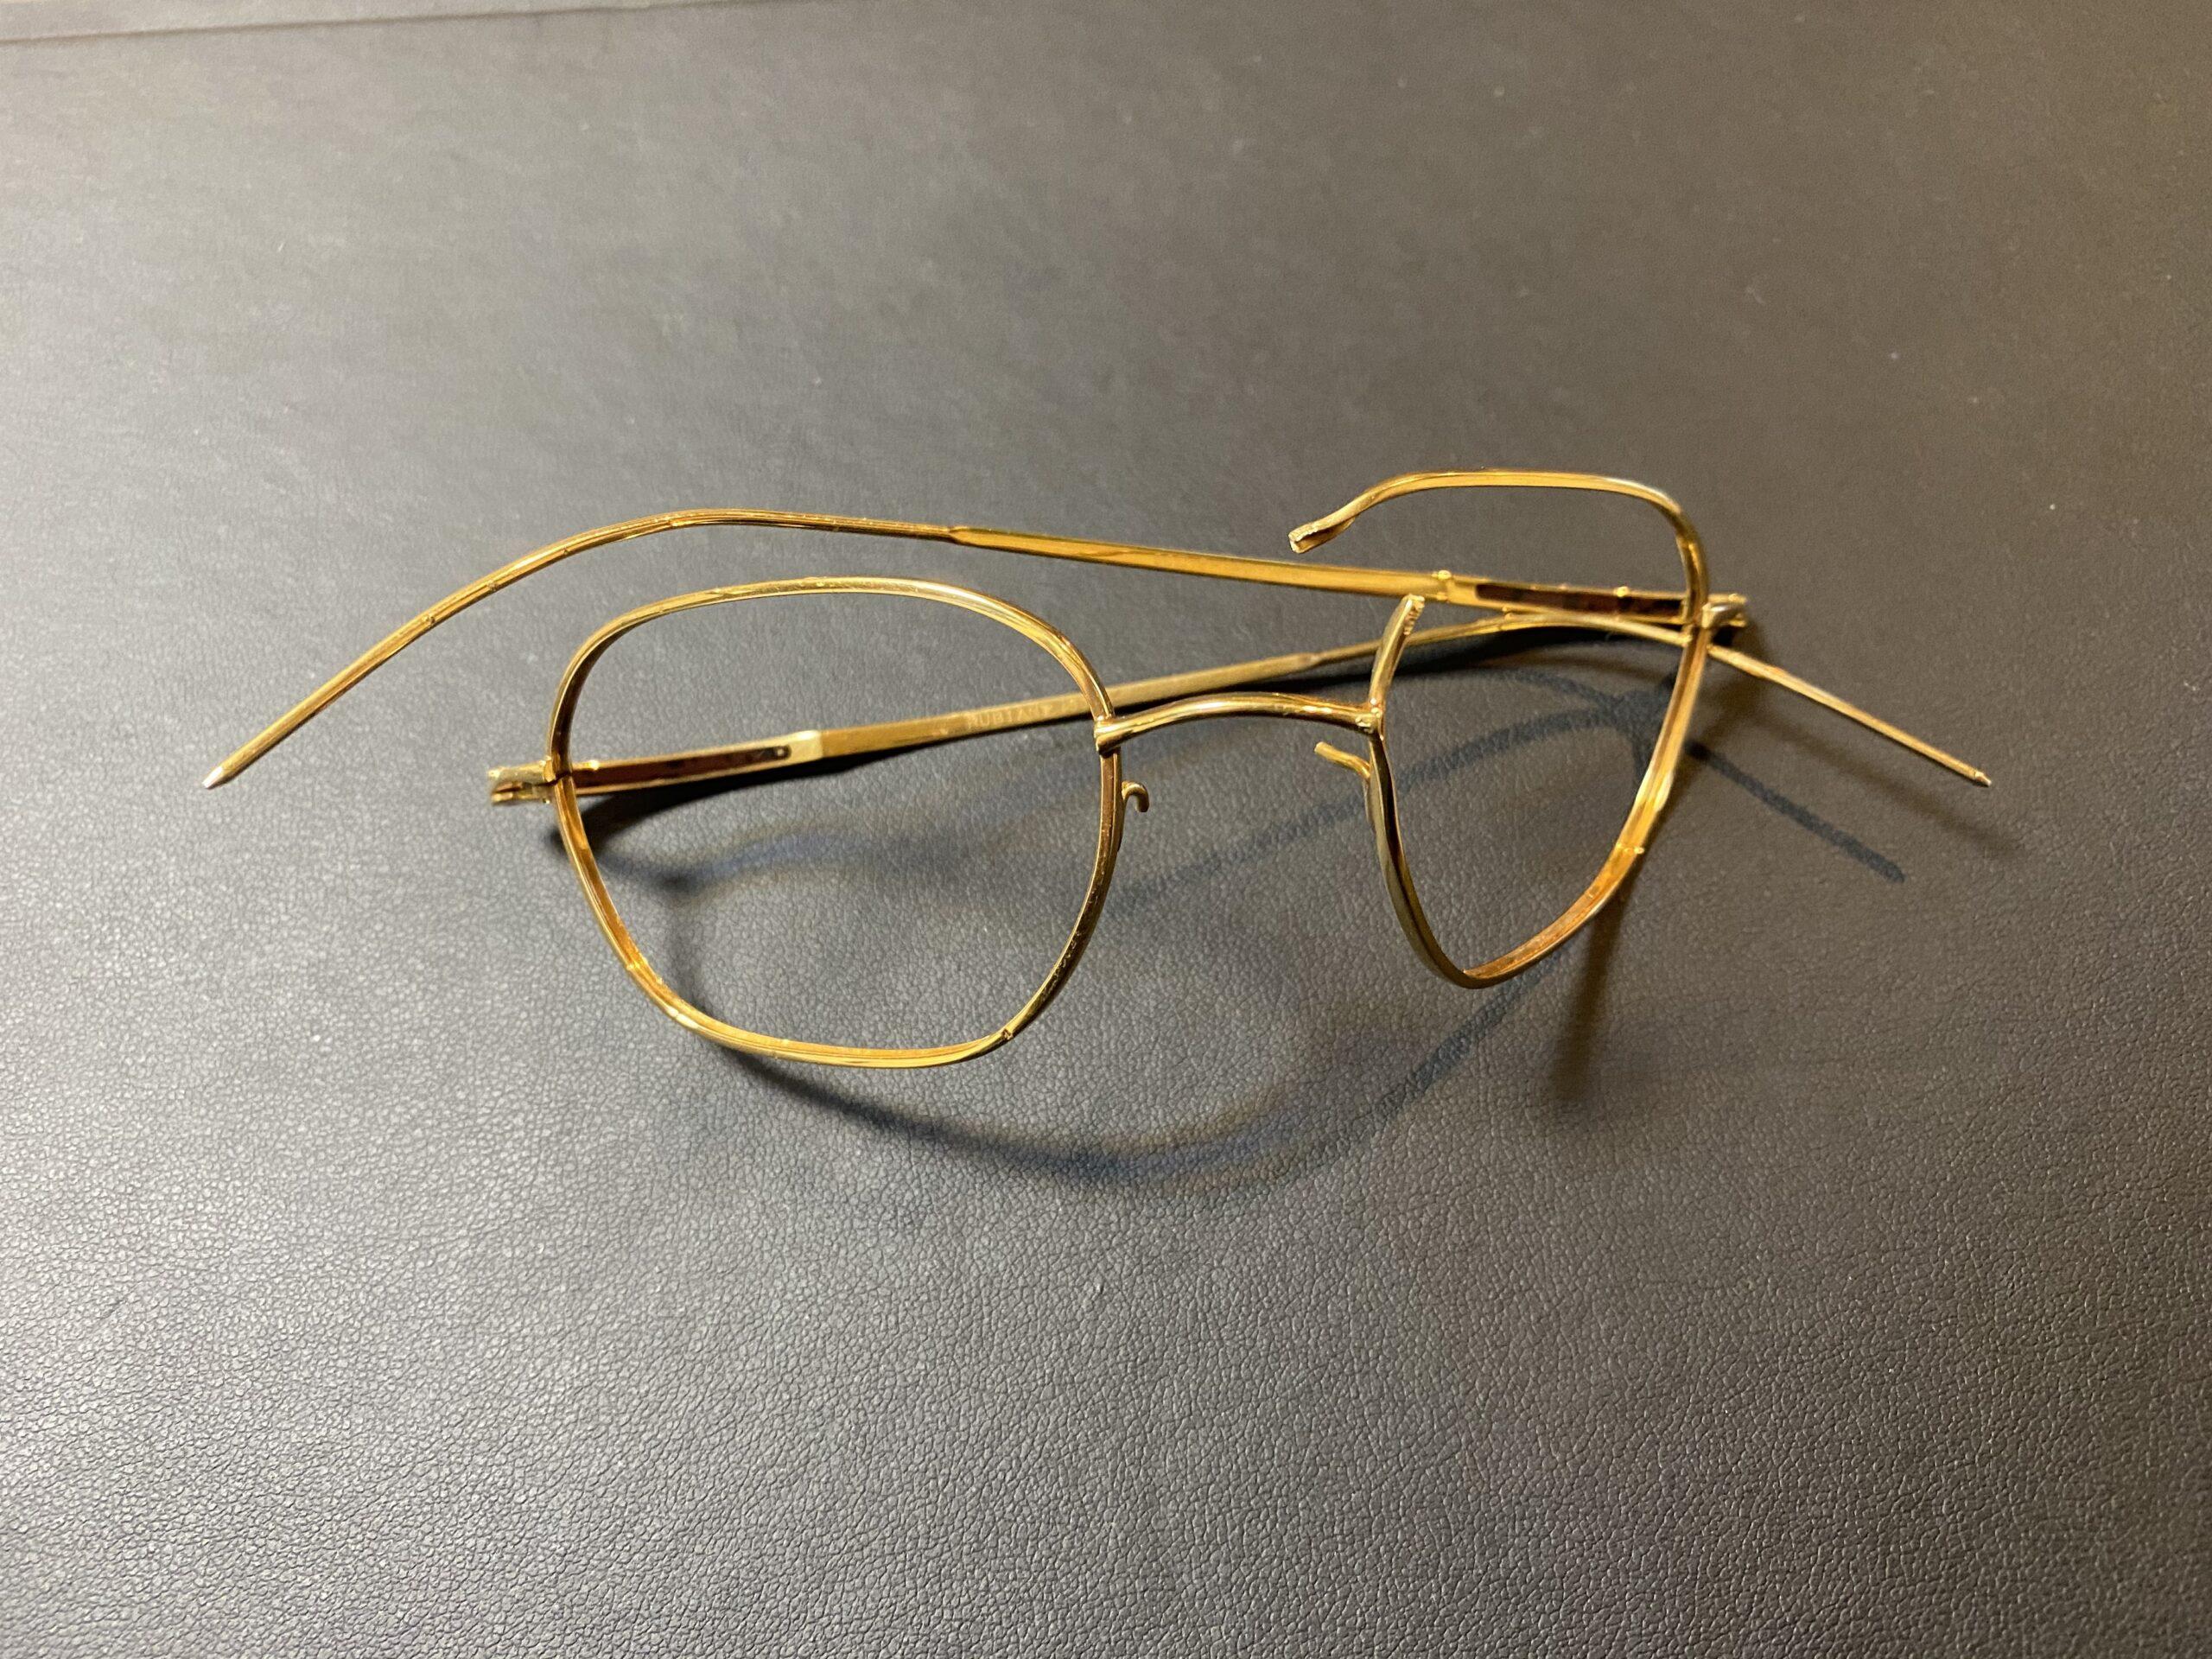 金(K18,18金)壊れたメガネフレームをお買取!価格の相場は?